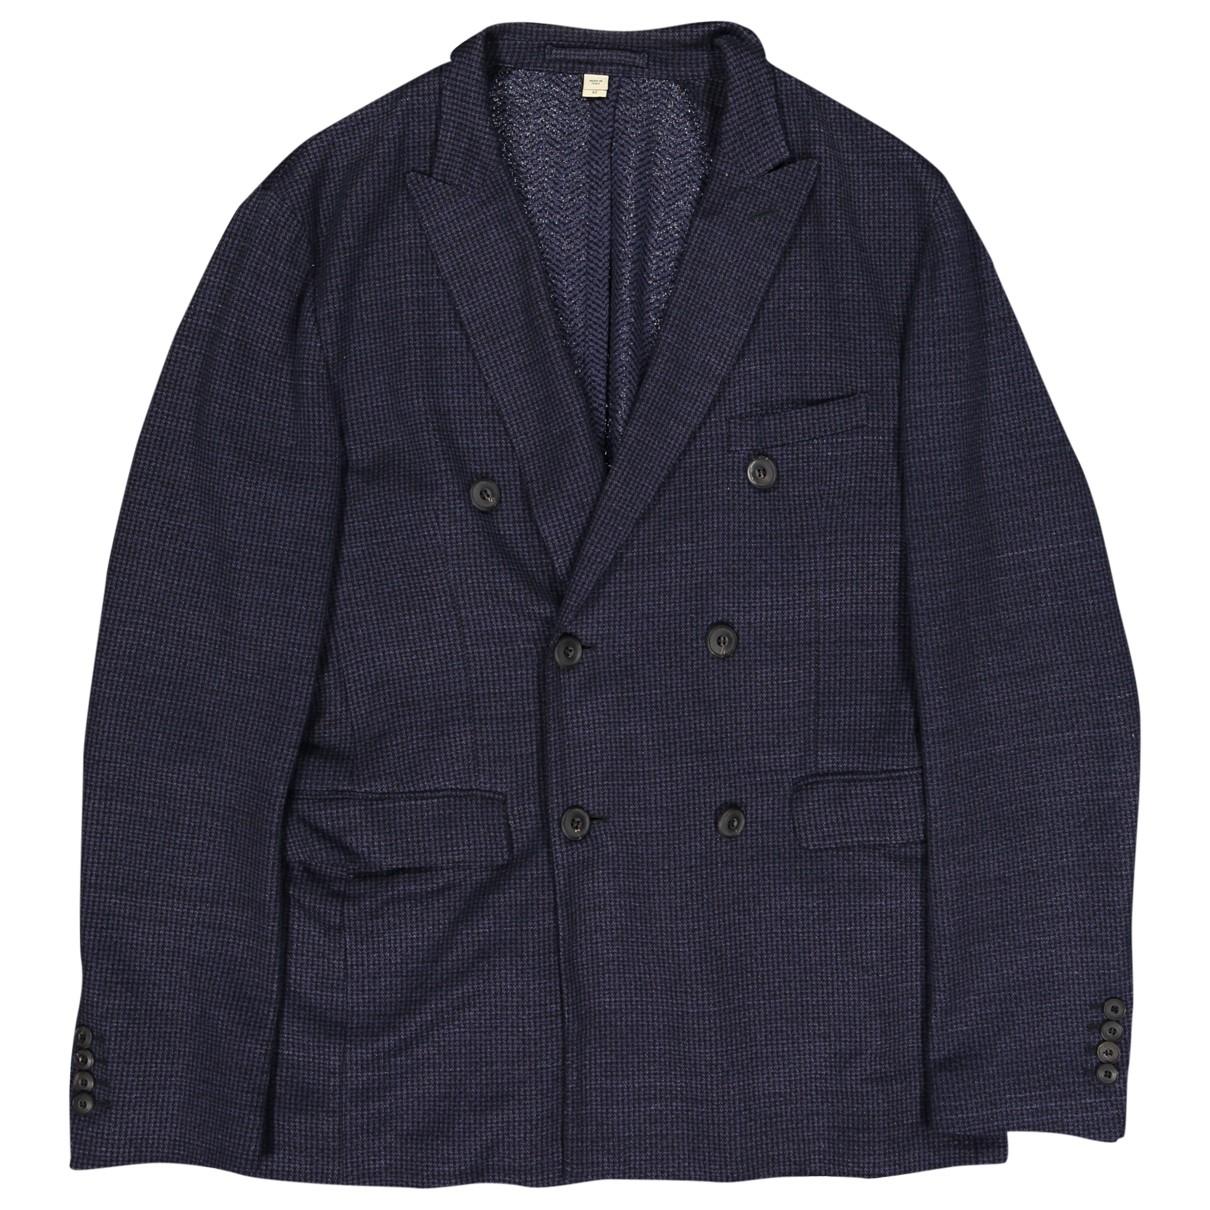 Burberry - Vestes.Blousons   pour homme en lin - bleu